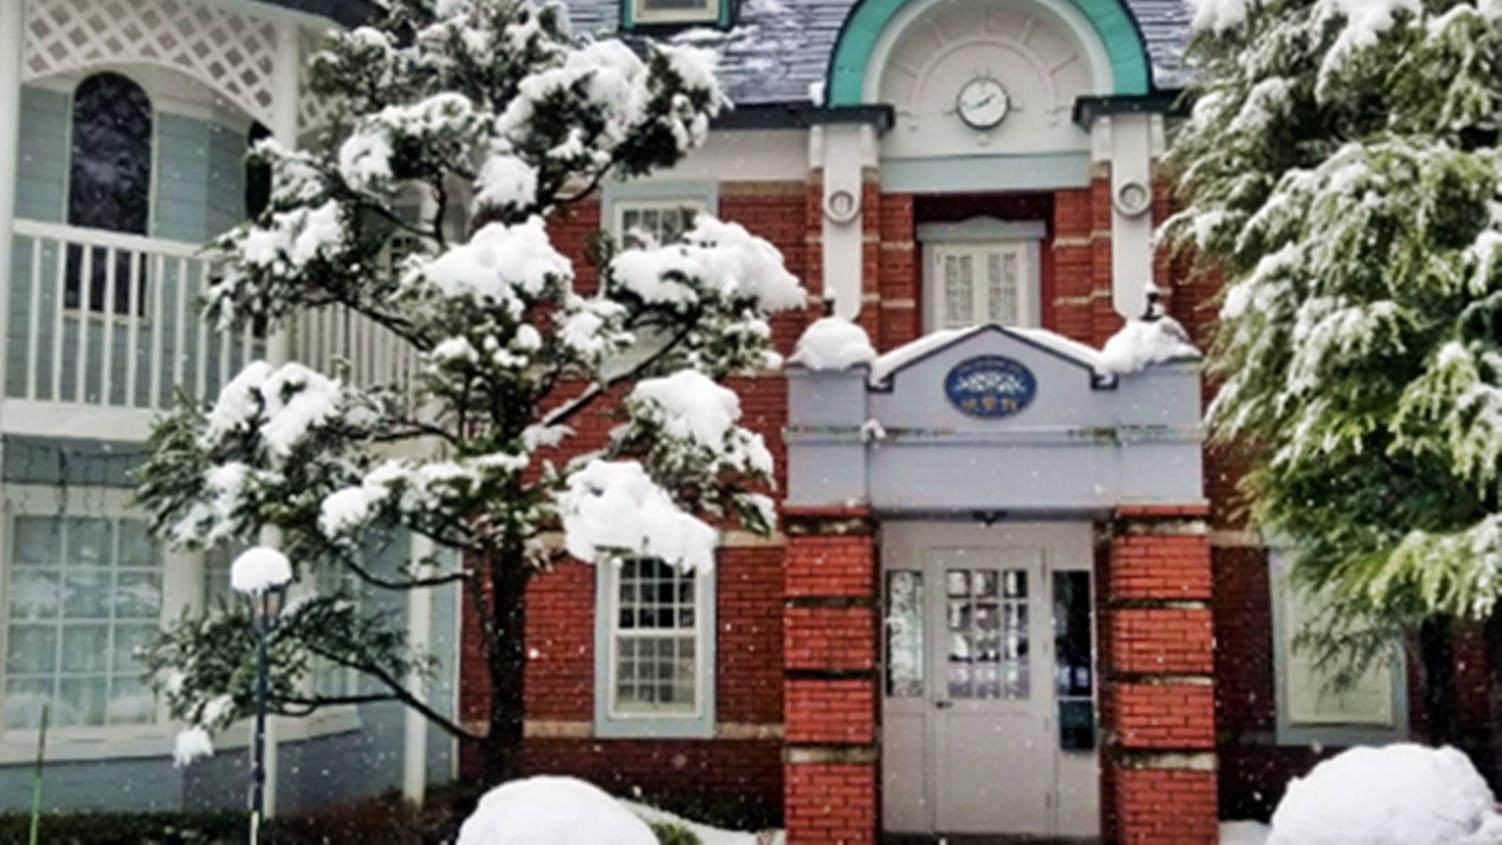 *【冬の外観/正面入口】赤いレンガ作りの正面入口も冬には雪化粧してしっとりとした雰囲気に。